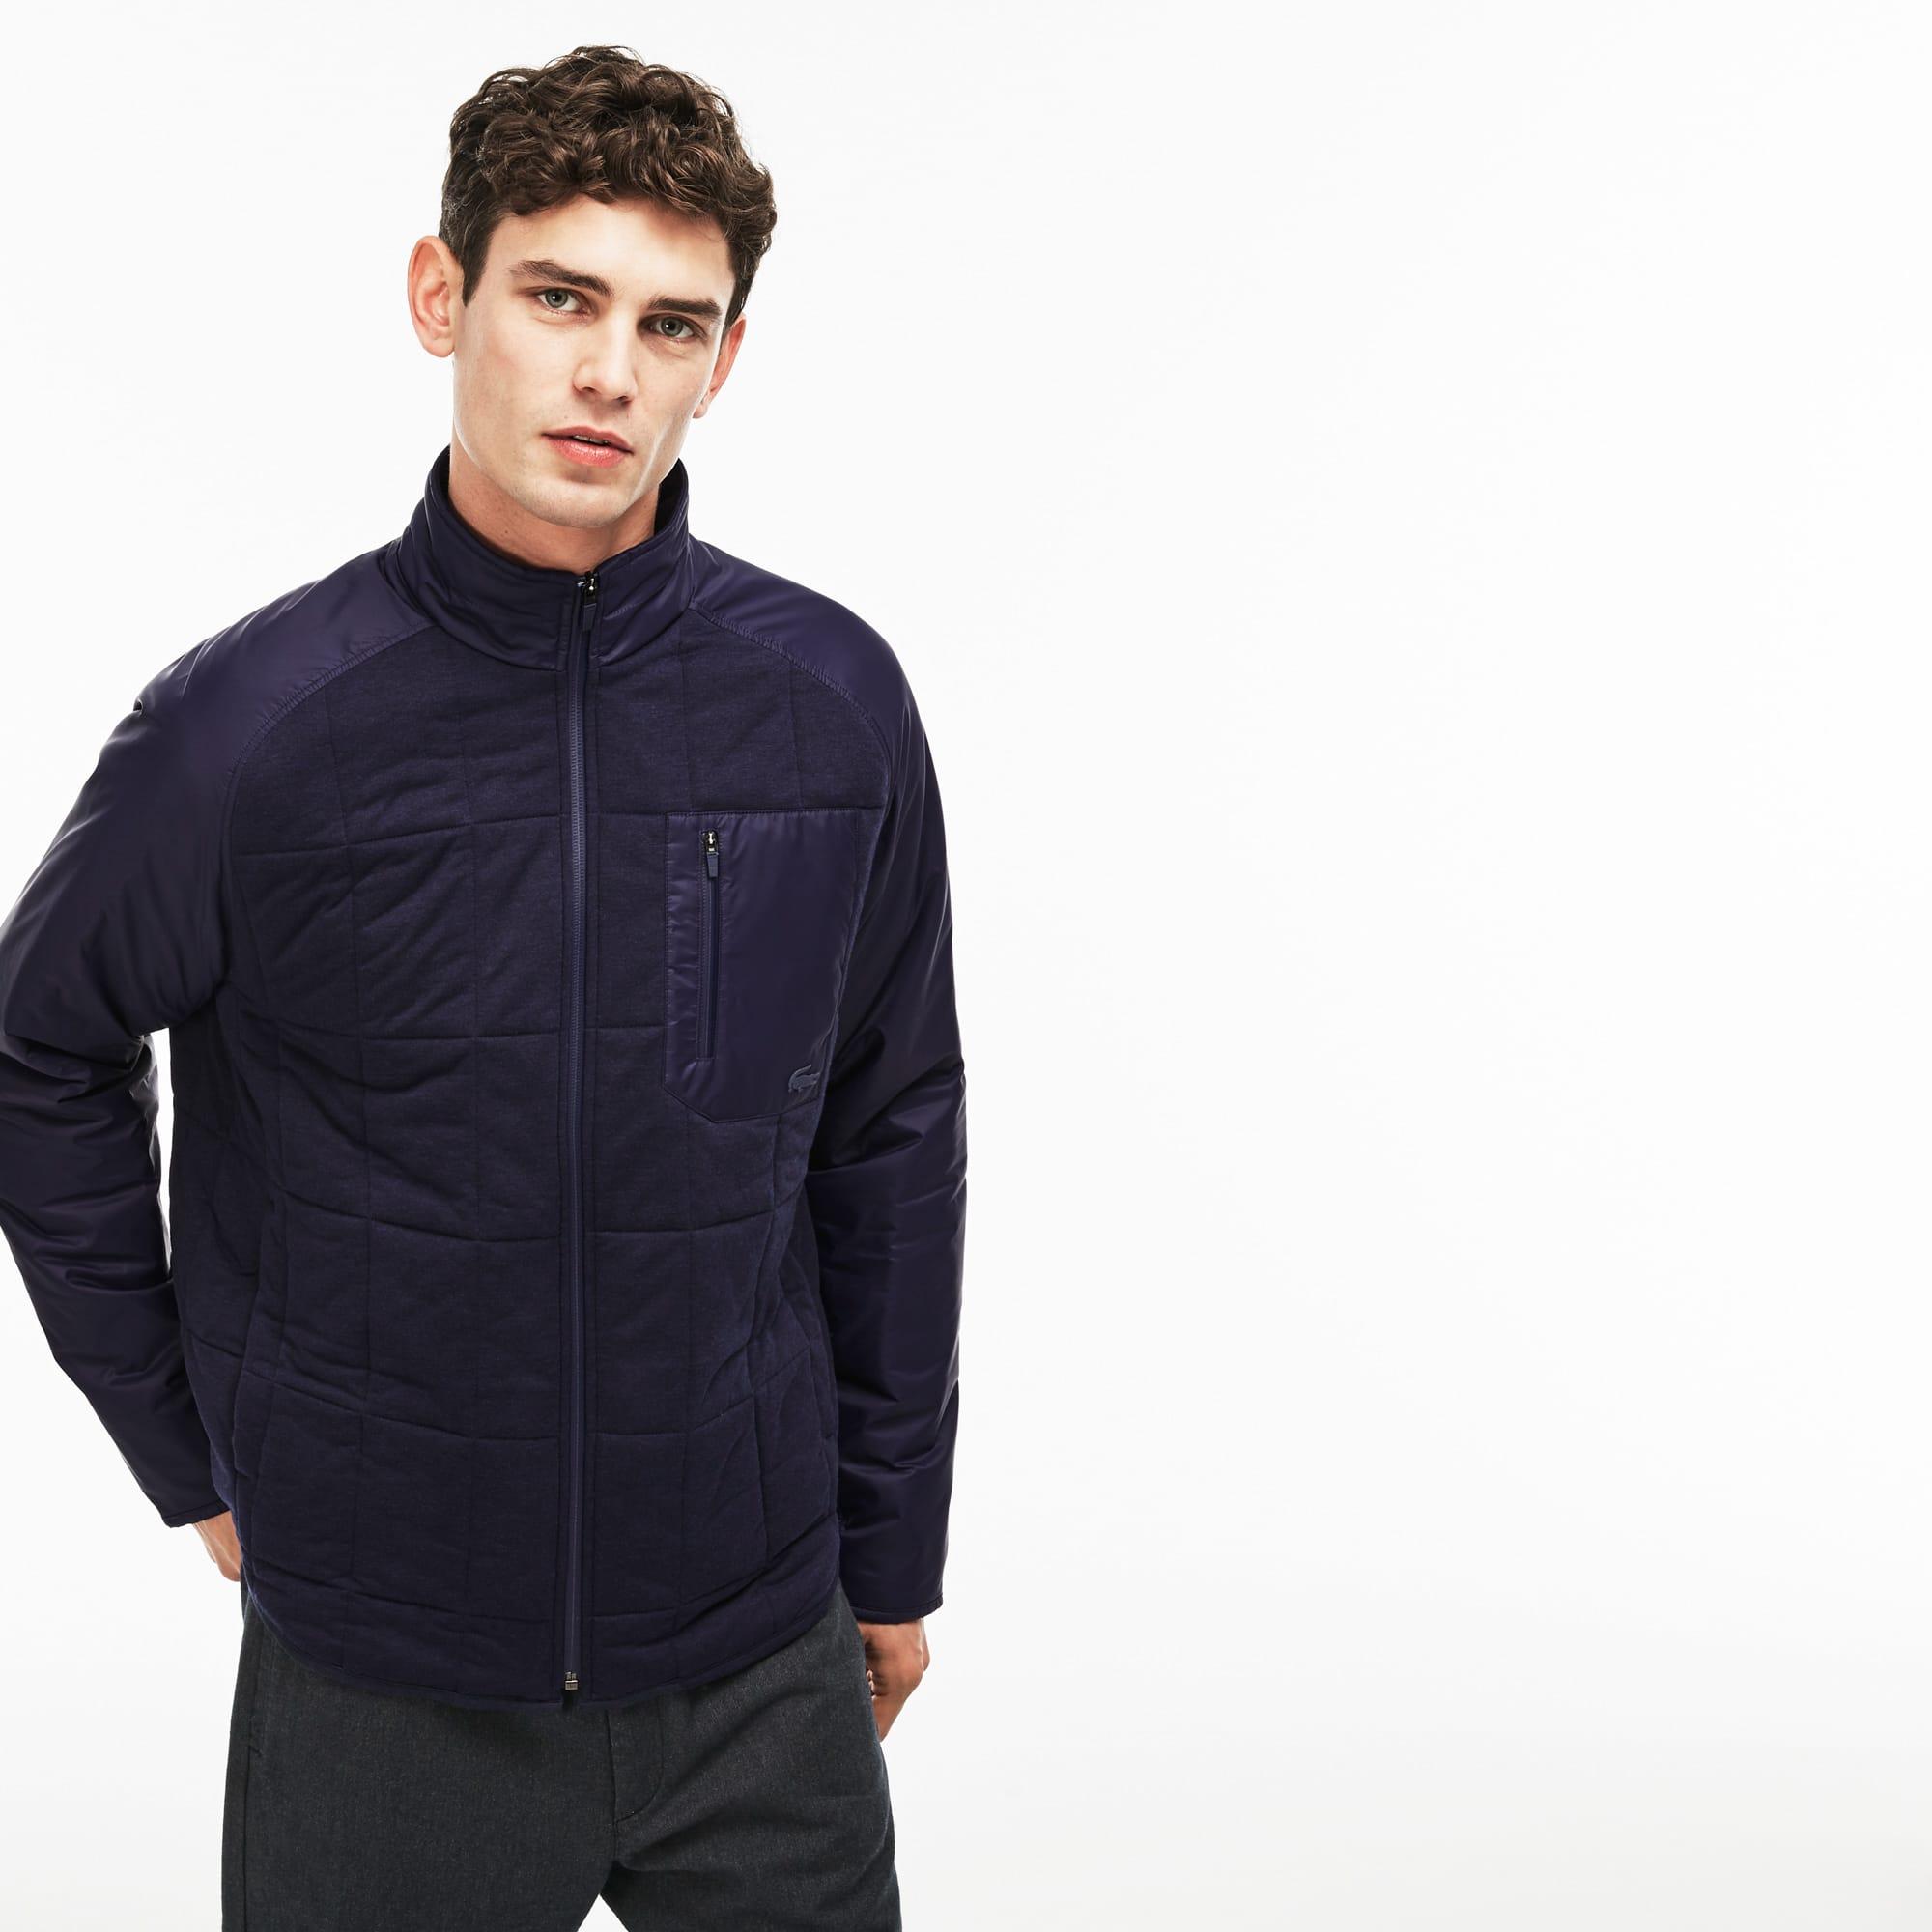 Men's Stand-Up Collar Nylon Accent Zippered Fleece Sweatshirt